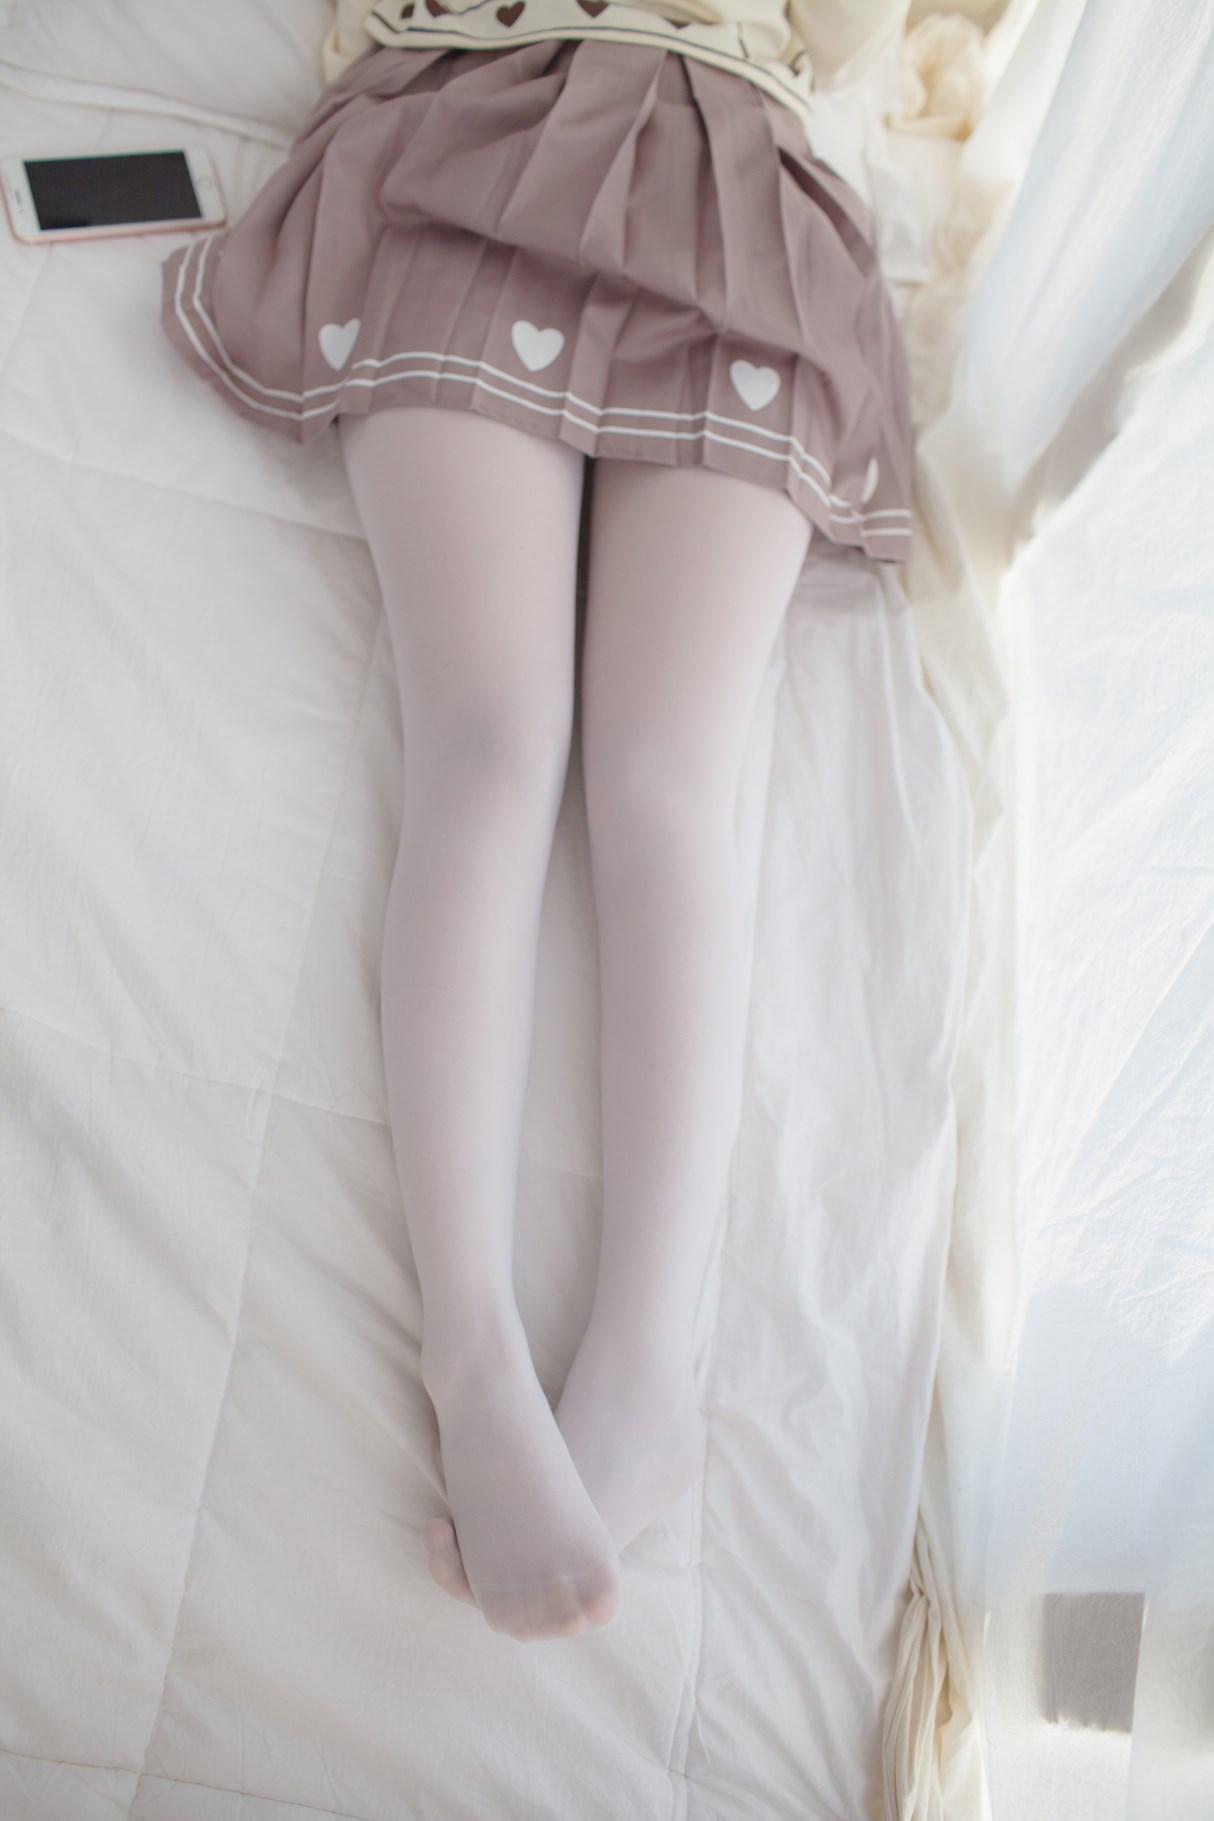 【兔玩映画】软萌小萝莉 兔玩映画 第37张